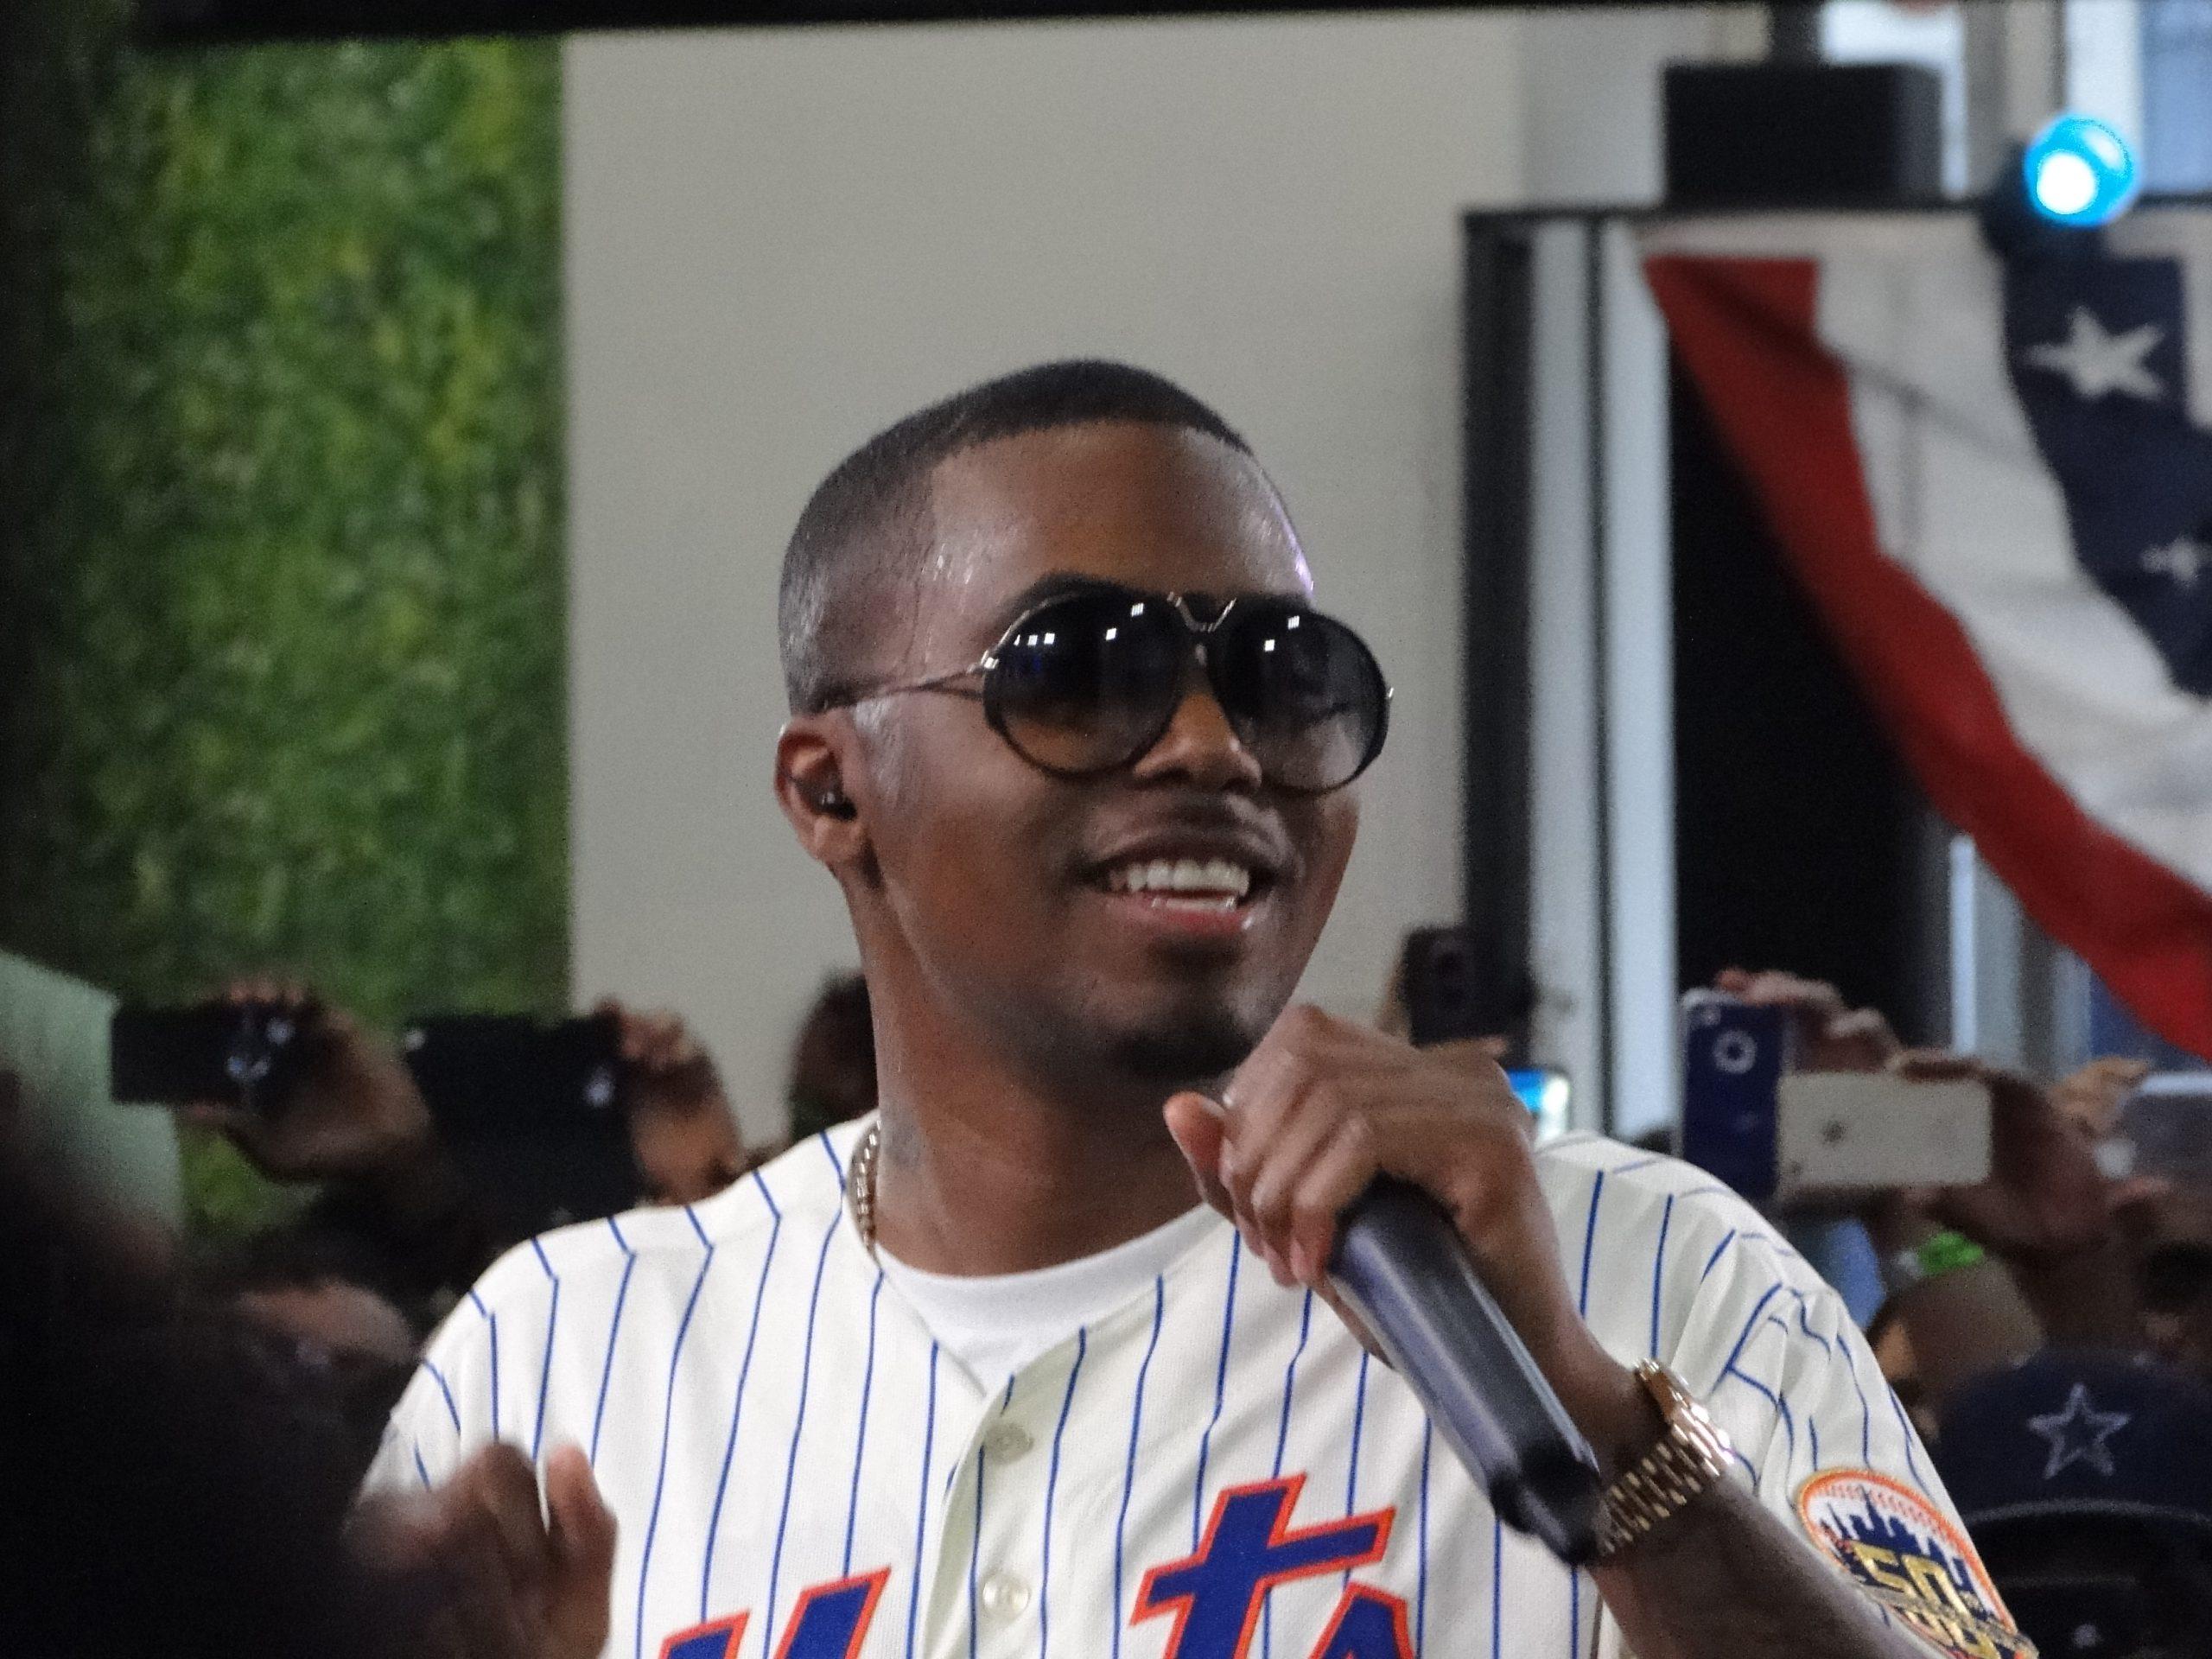 חגיגה של התרבות השחורה עם Nas